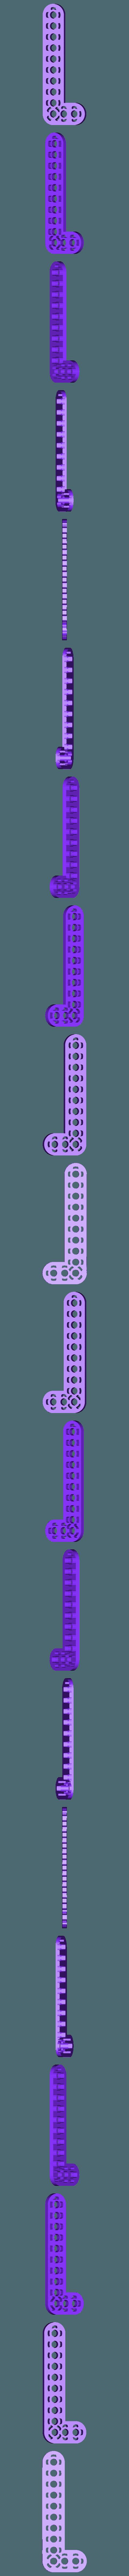 L_3_10.STL Télécharger fichier STL gratuit MEGA Expansion 200+ Pièces • Plan à imprimer en 3D, Pwentey